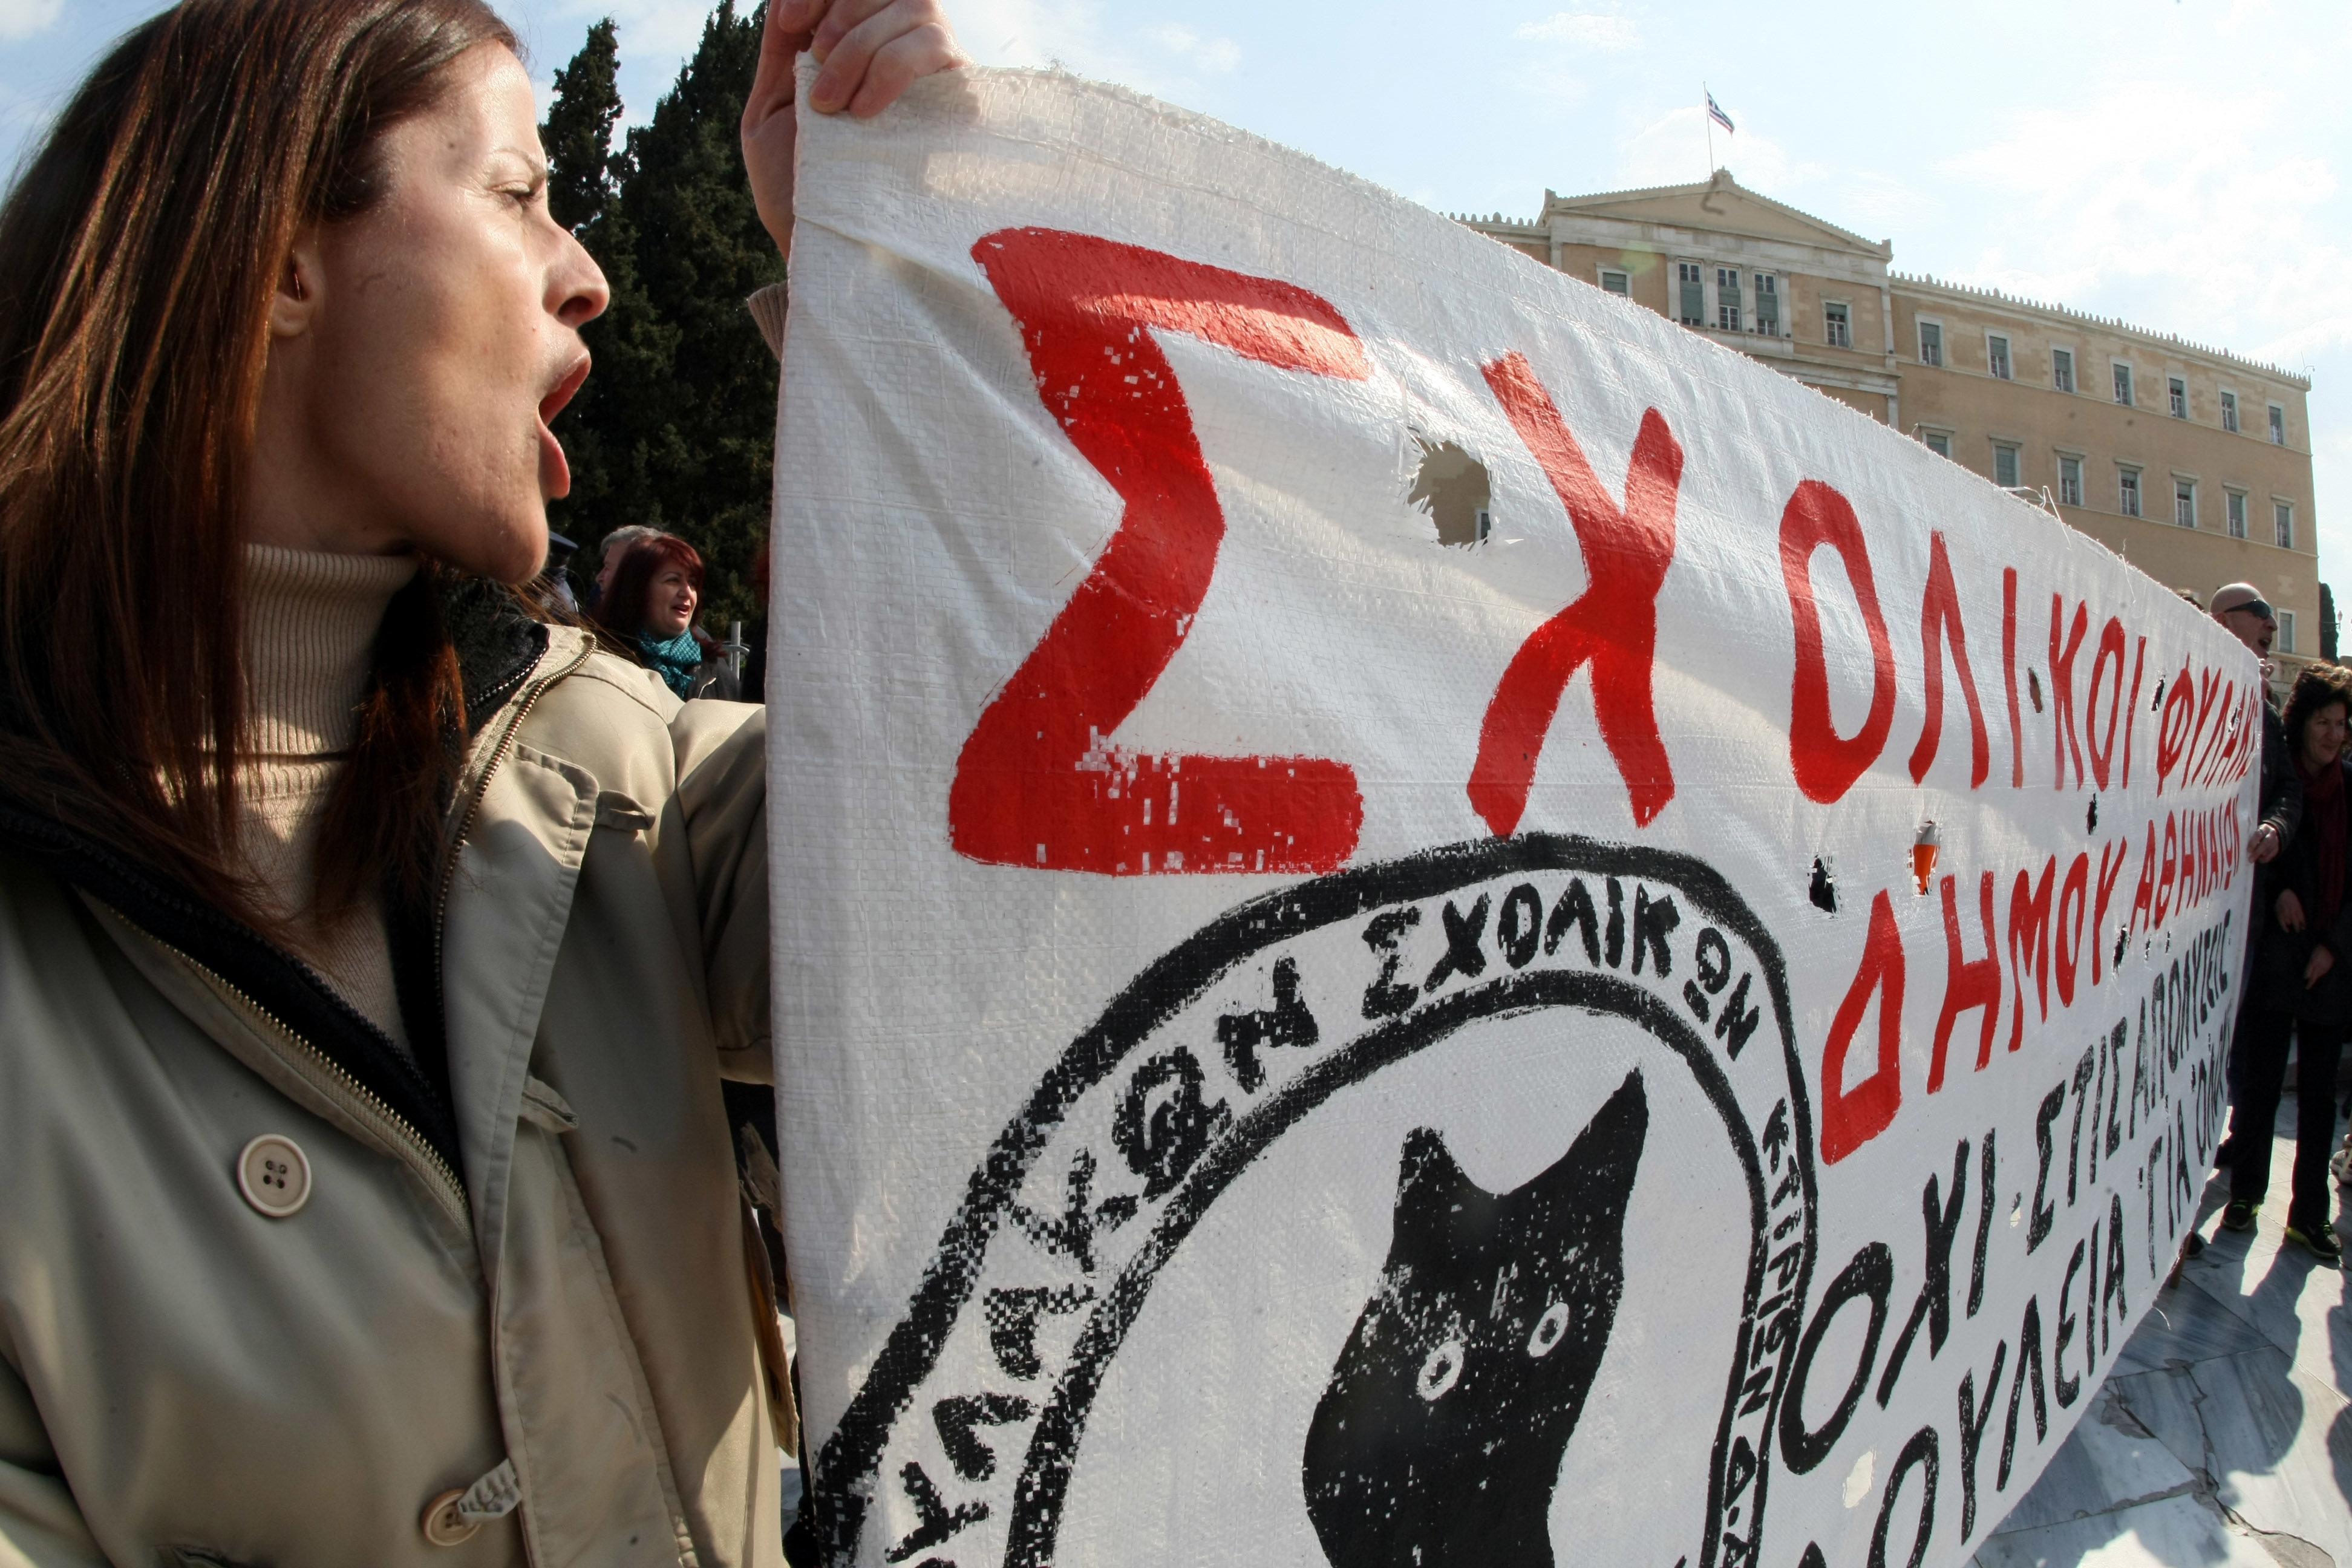 Κλειστά σχολεία την Παρασκευή - 24ωρη απεργία των